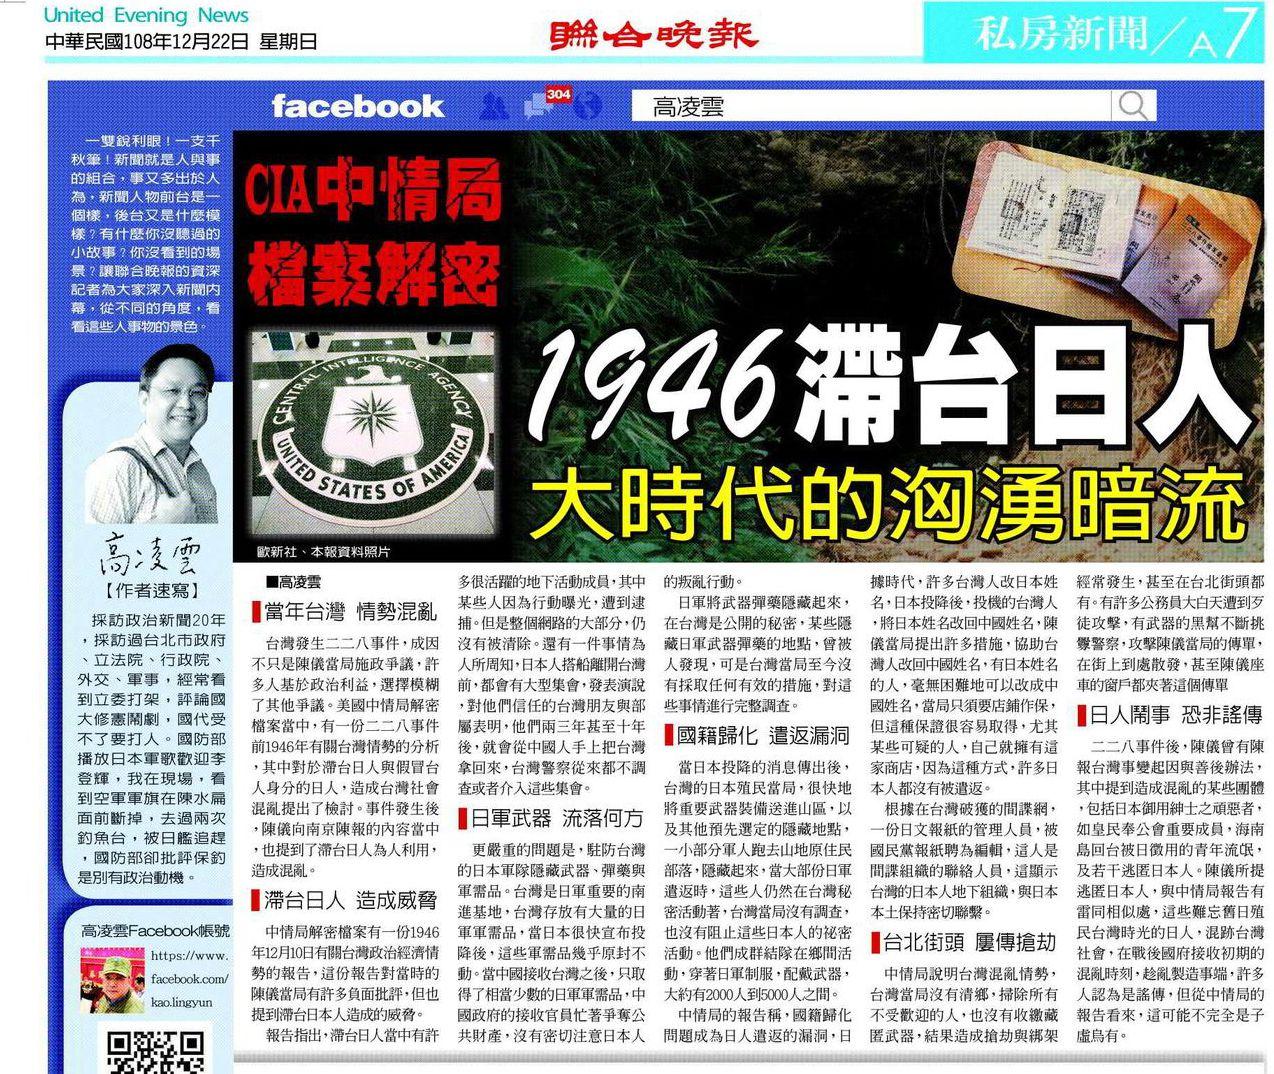 根據美國中情局的解密檔案,1947年台灣發生二二八事件前,台灣有許多沒有遣返日本...